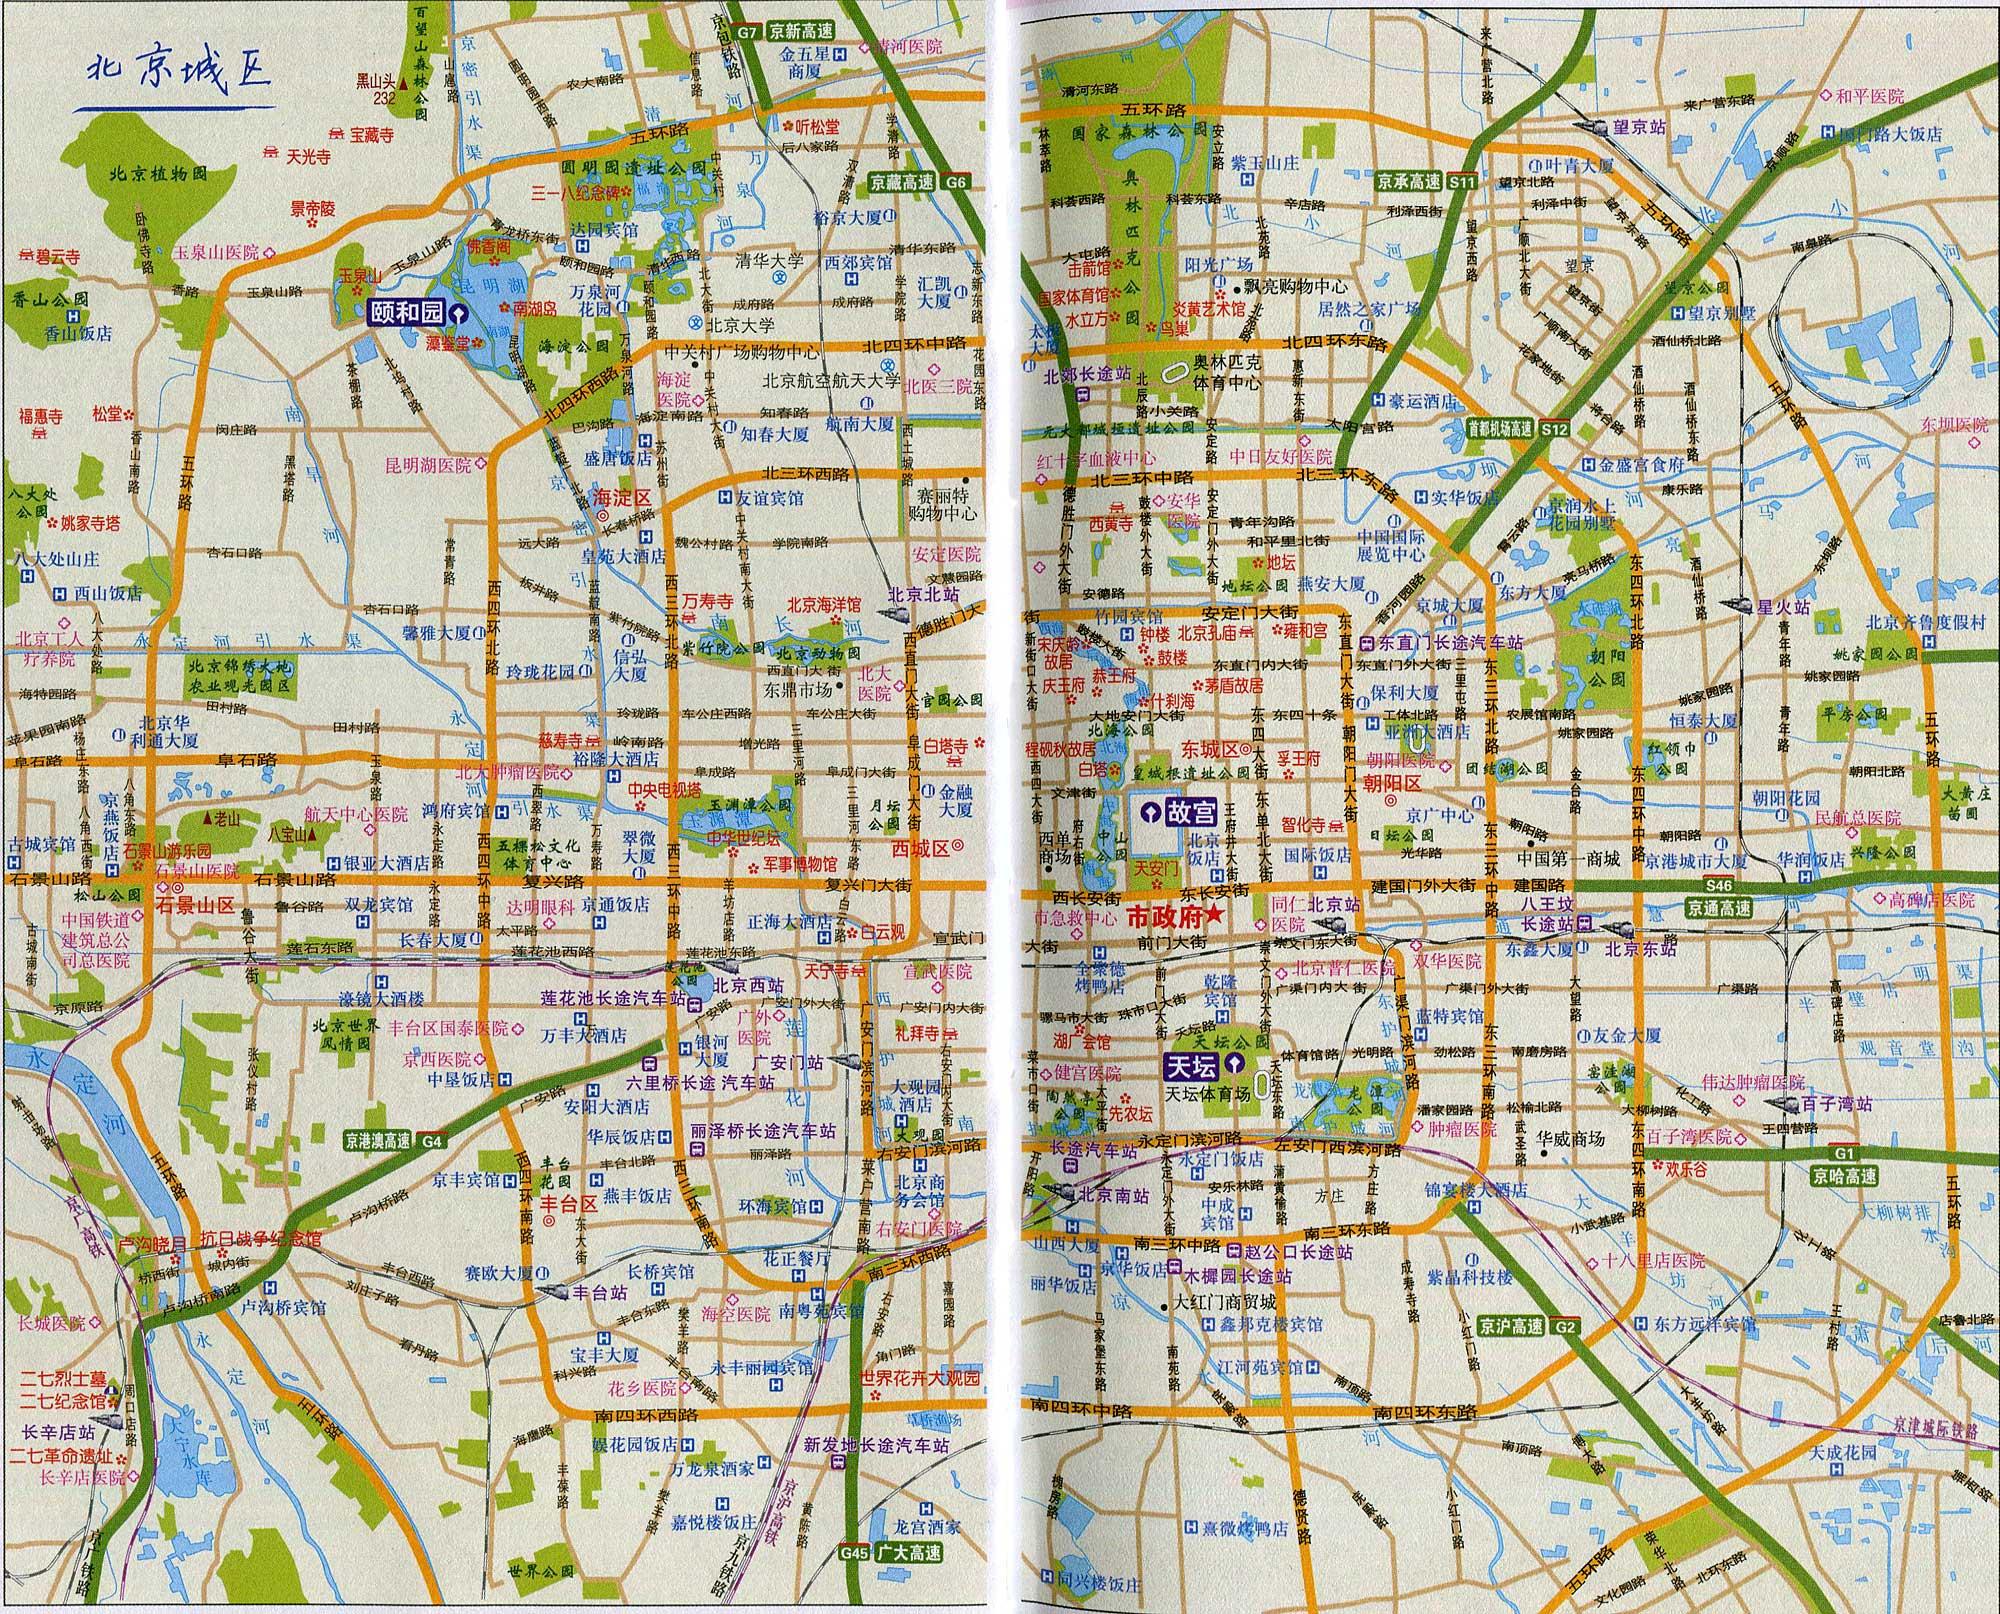 北京城区旅游图_北京旅游地图库